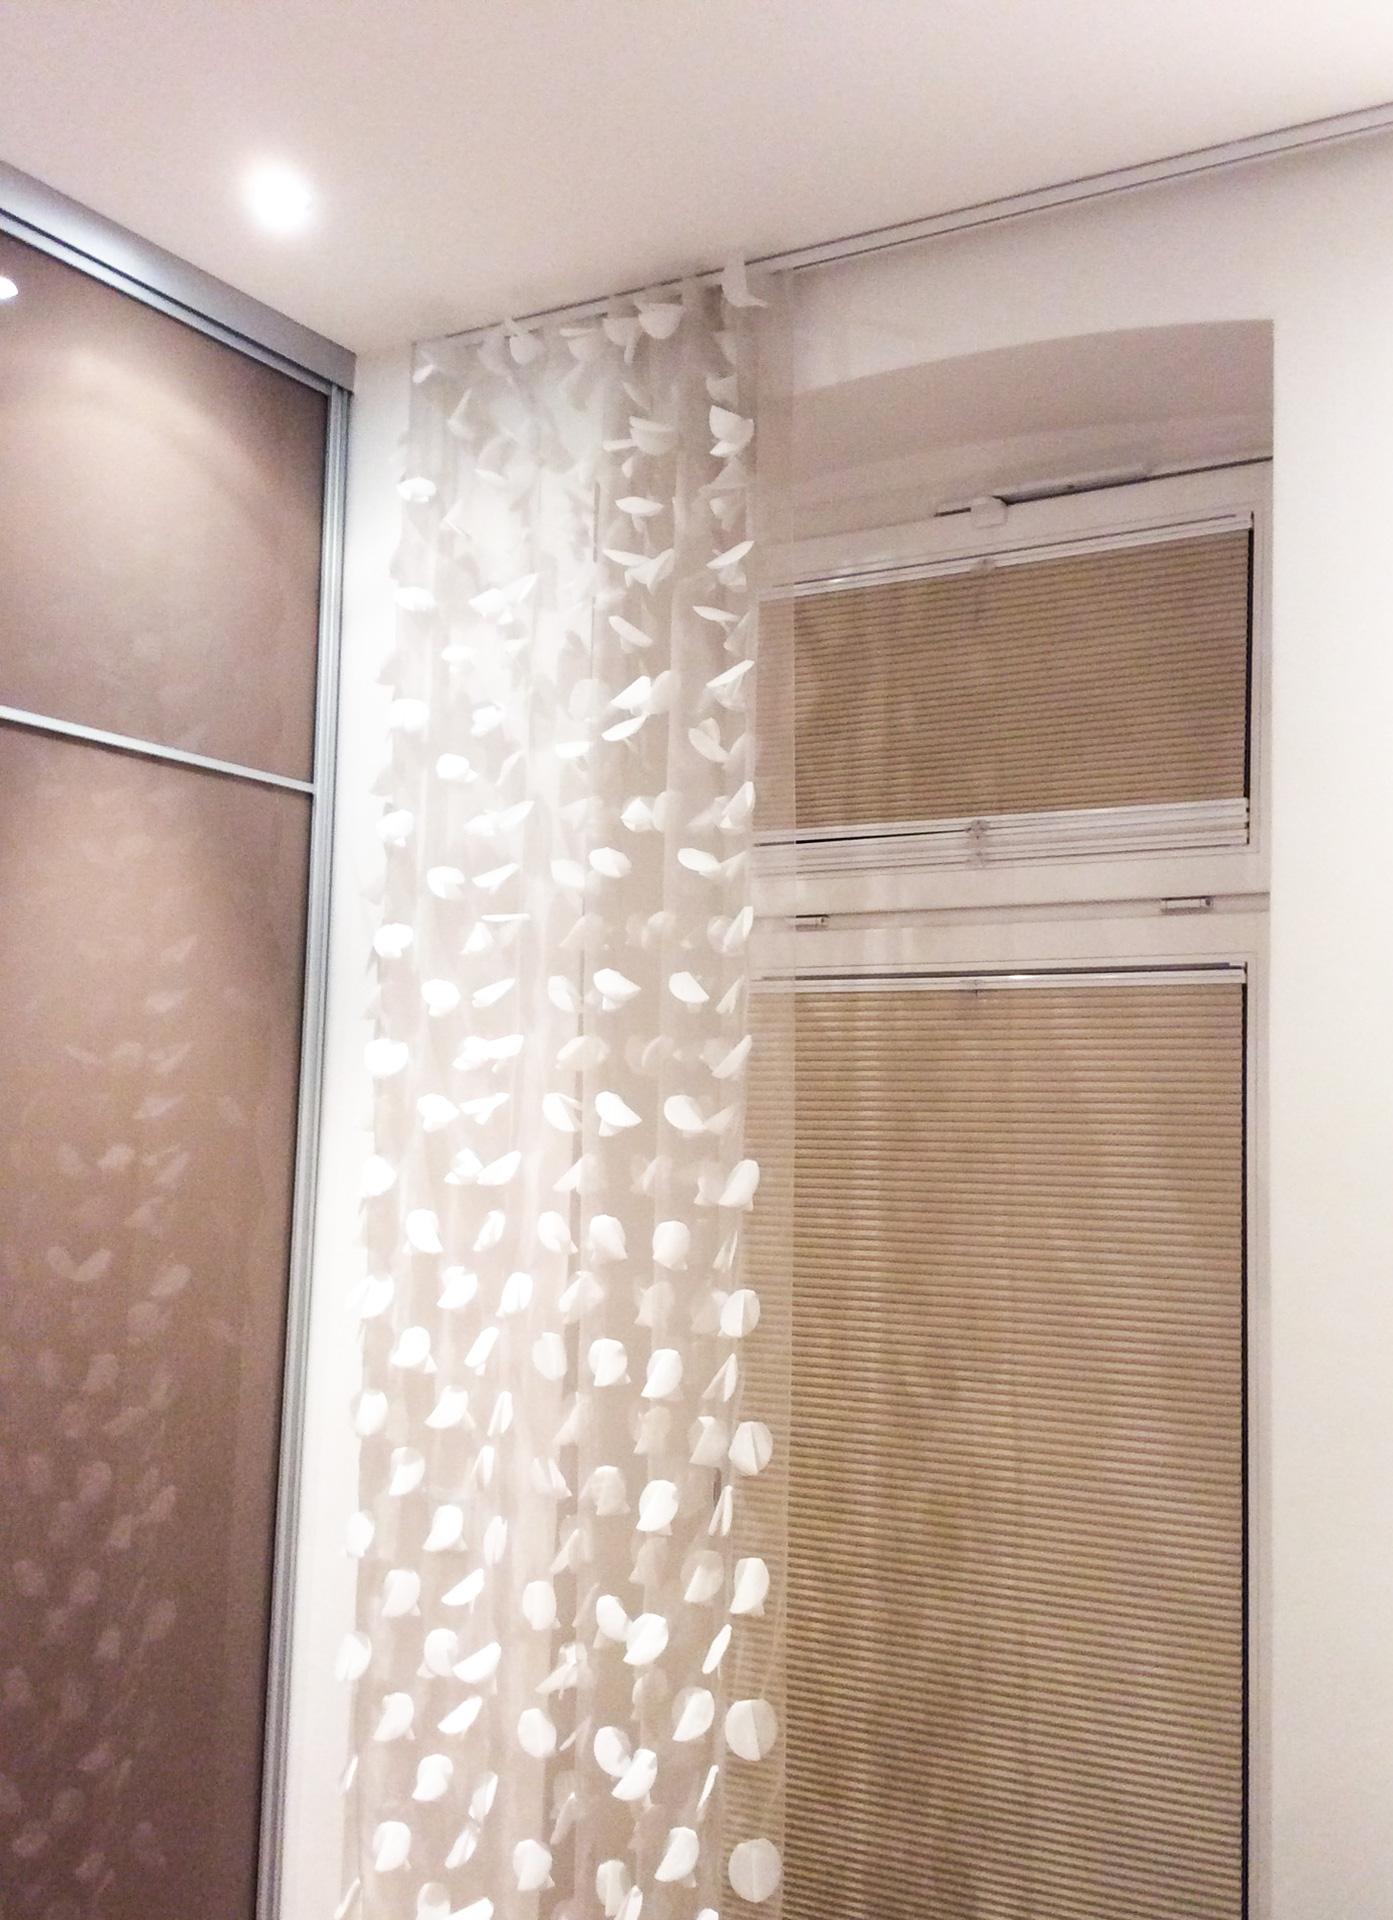 Plissee Köln plissees raumausstattung silko schüler köln raumausstatter nippes